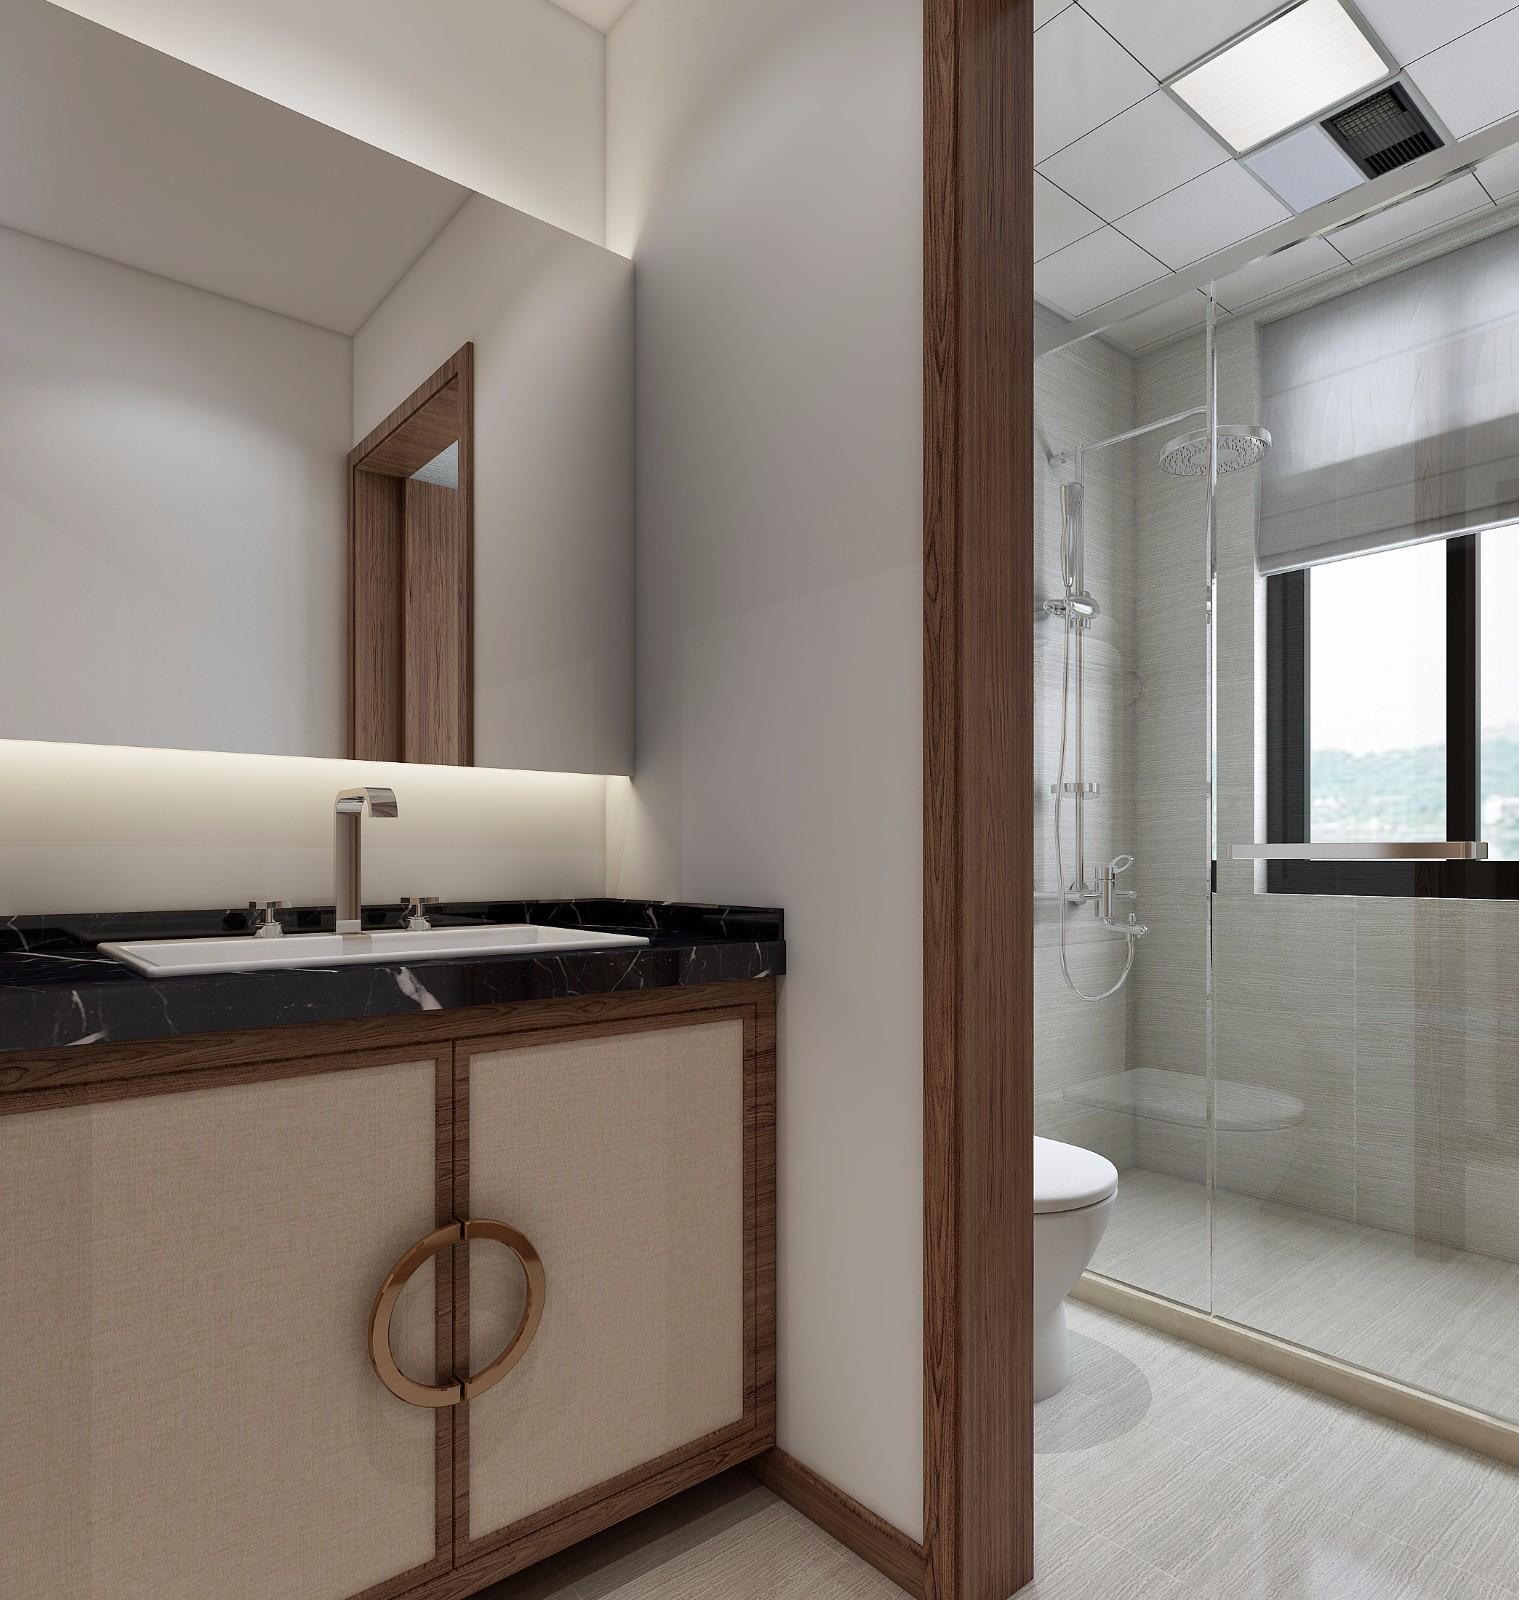 2020中式卫生间装修图片 2020中式洗漱台装饰设计